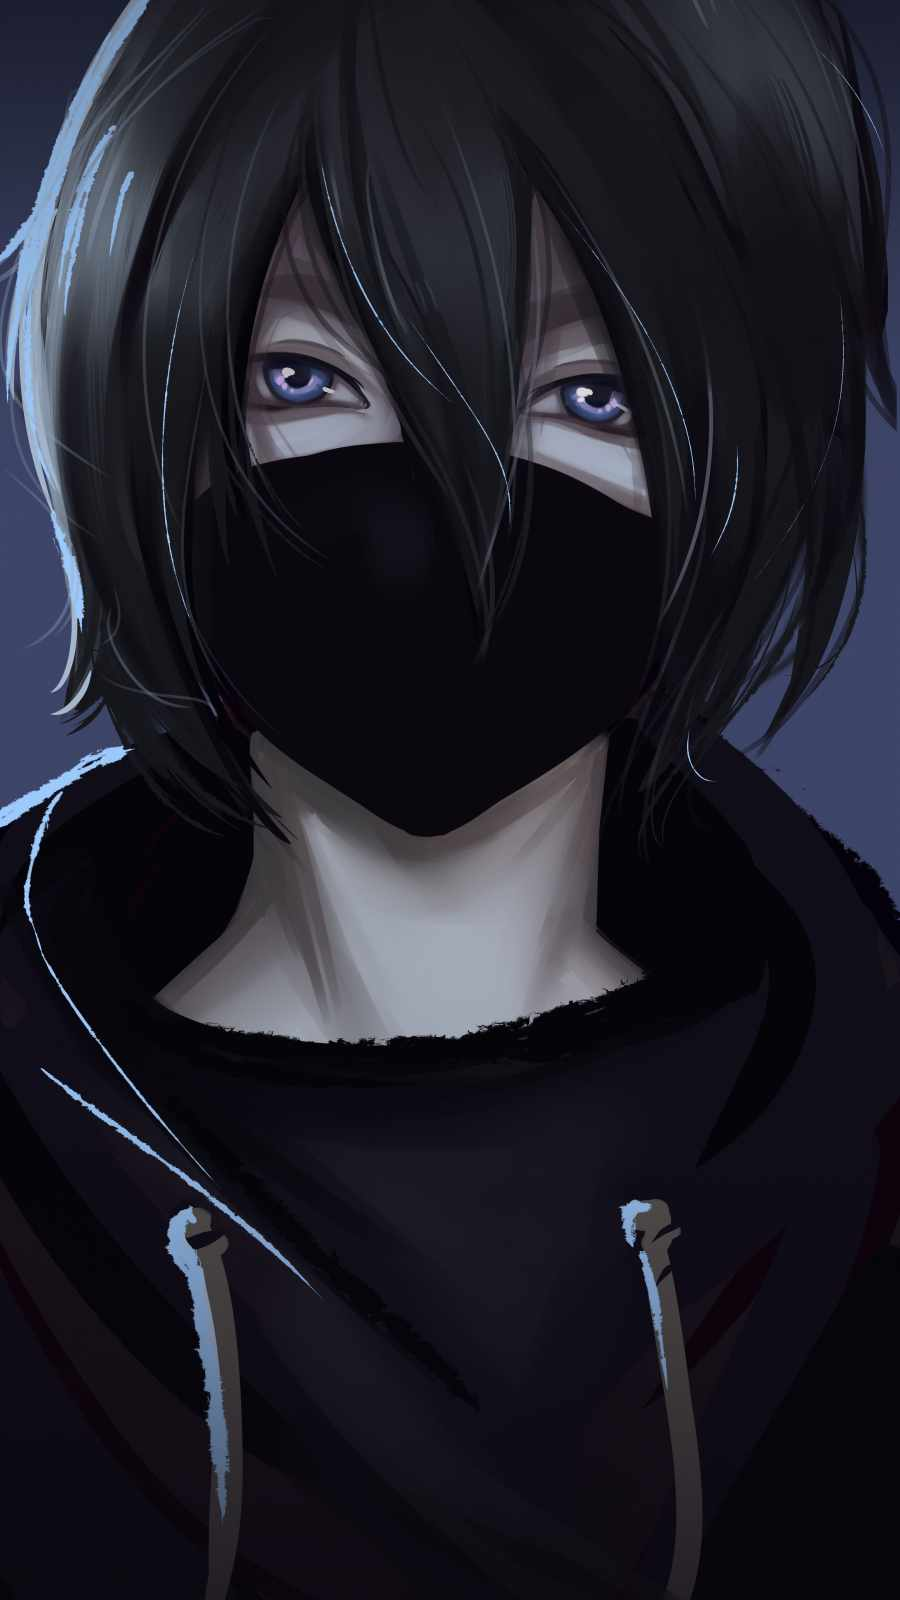 Anime Boy Masked